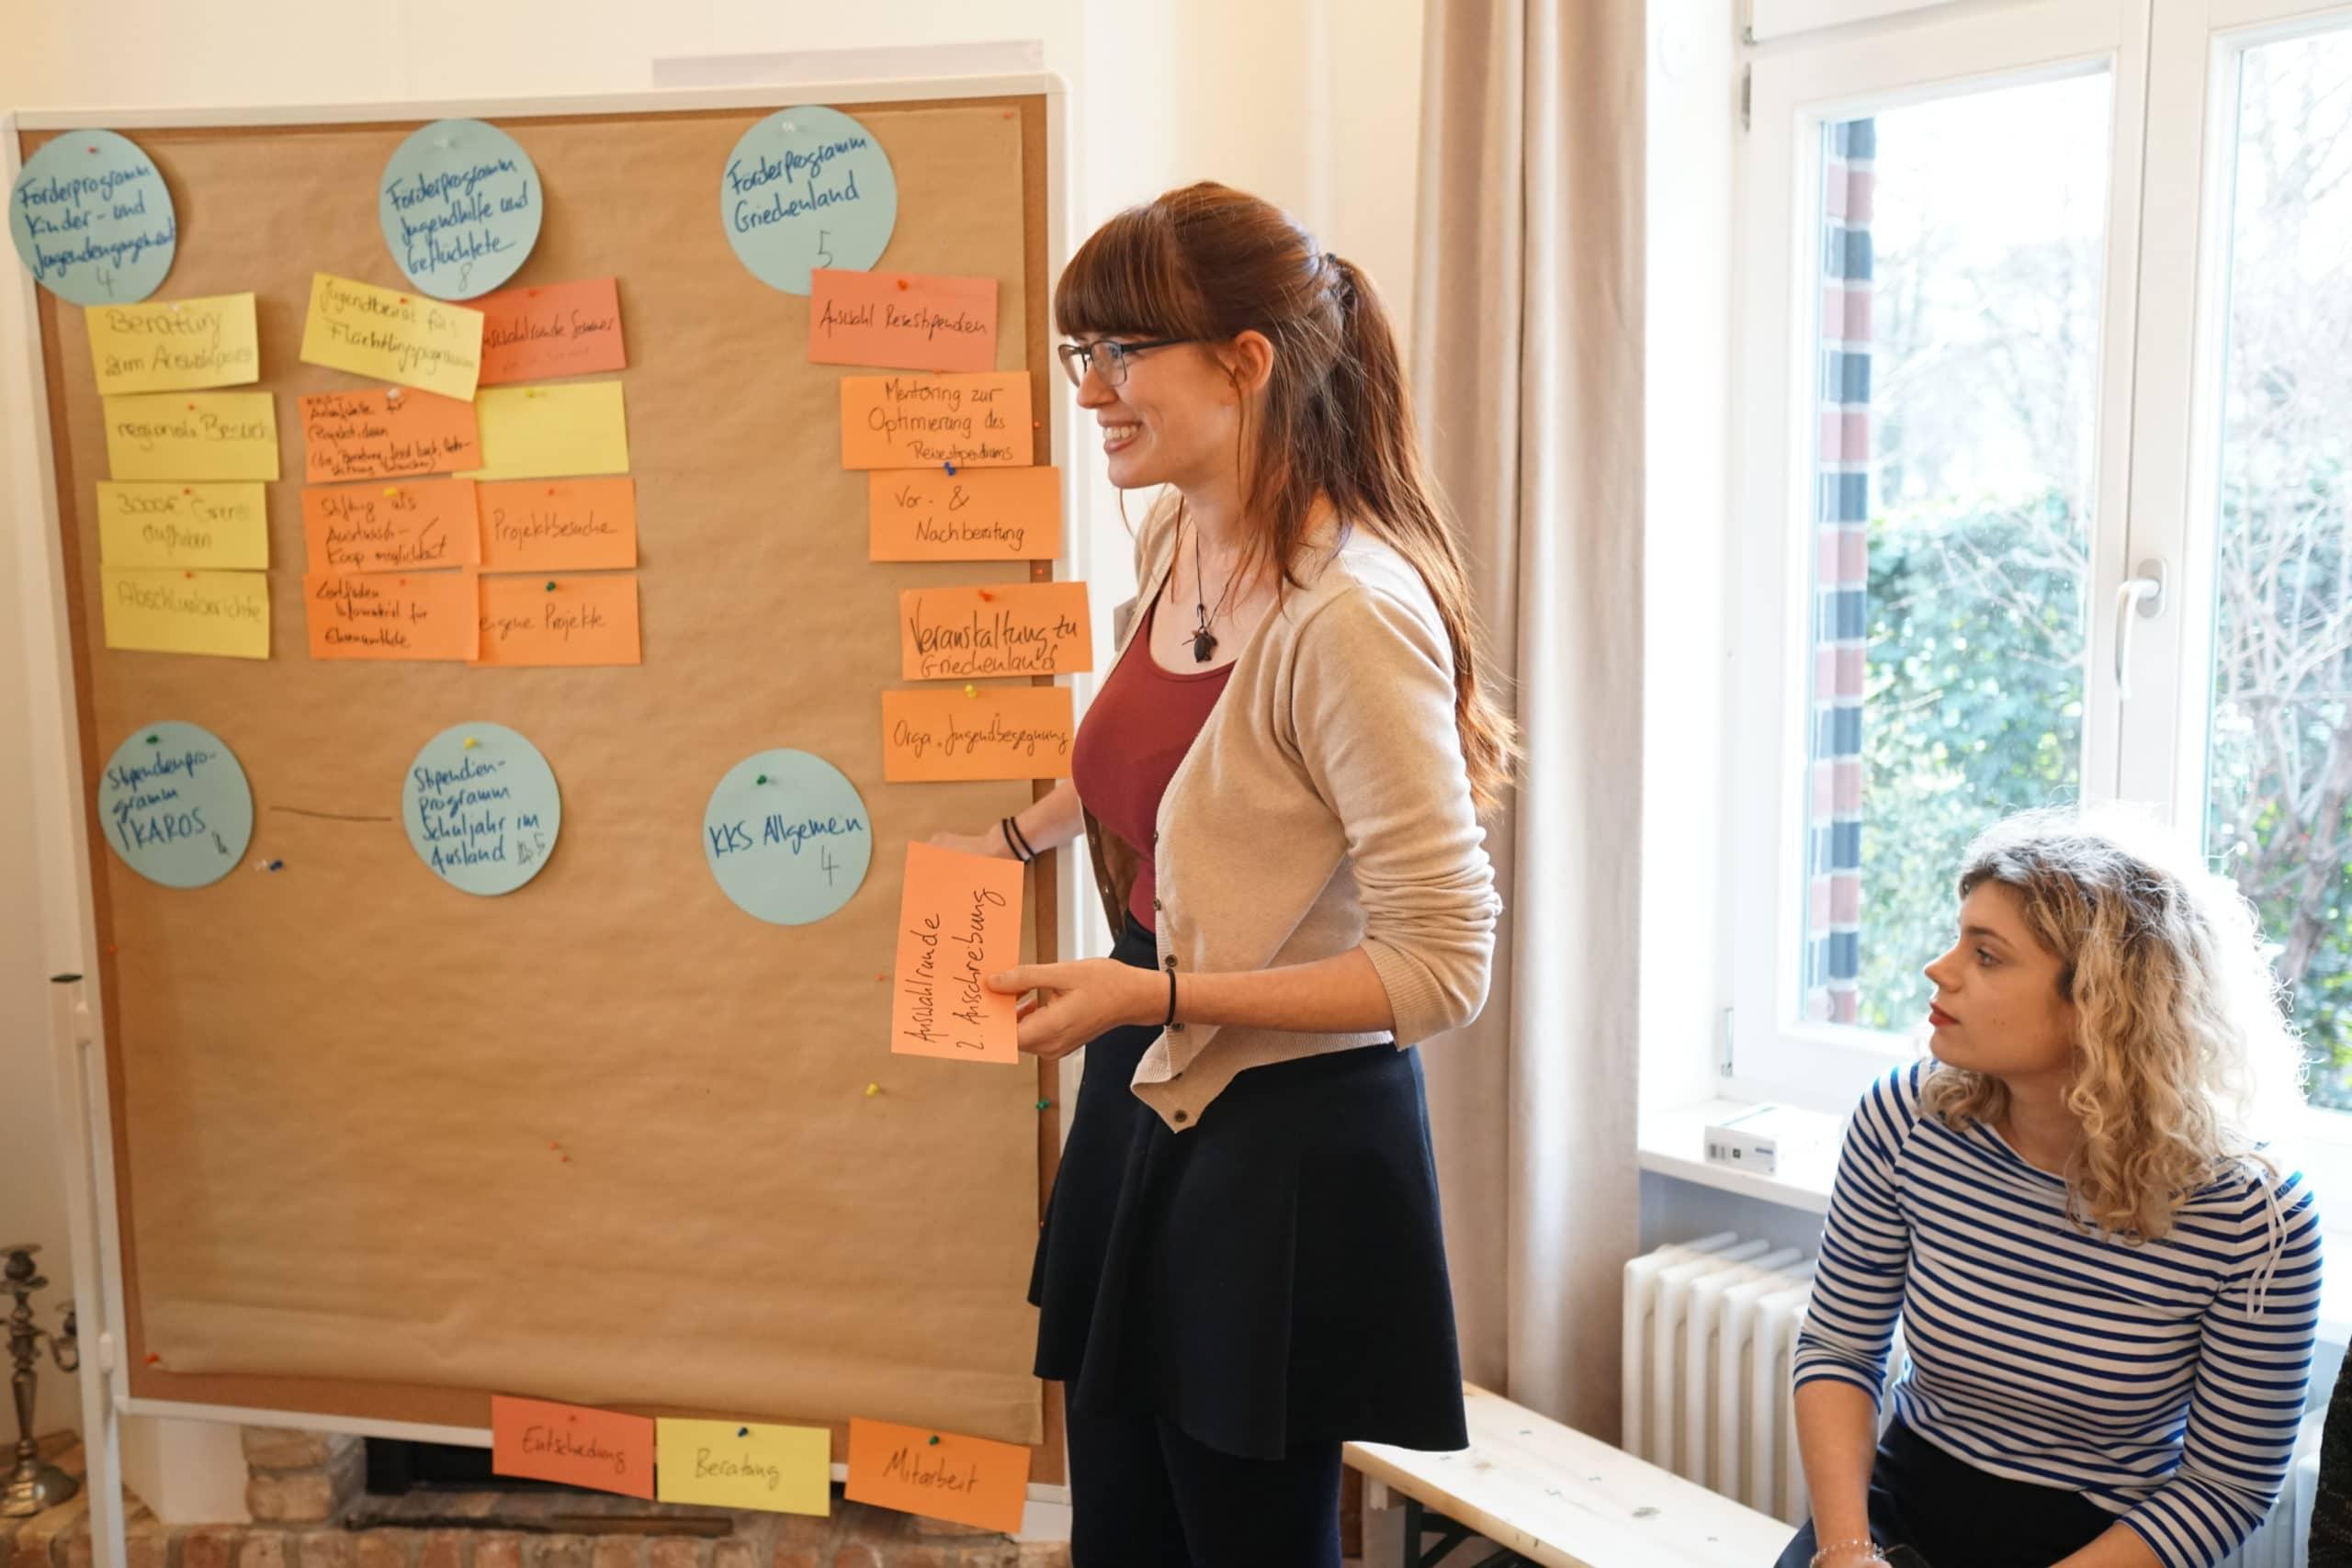 Junge Zukunftswerkstatt: Ehemalige Reisestipendiatin präsentiert die Gruppenergebnisse